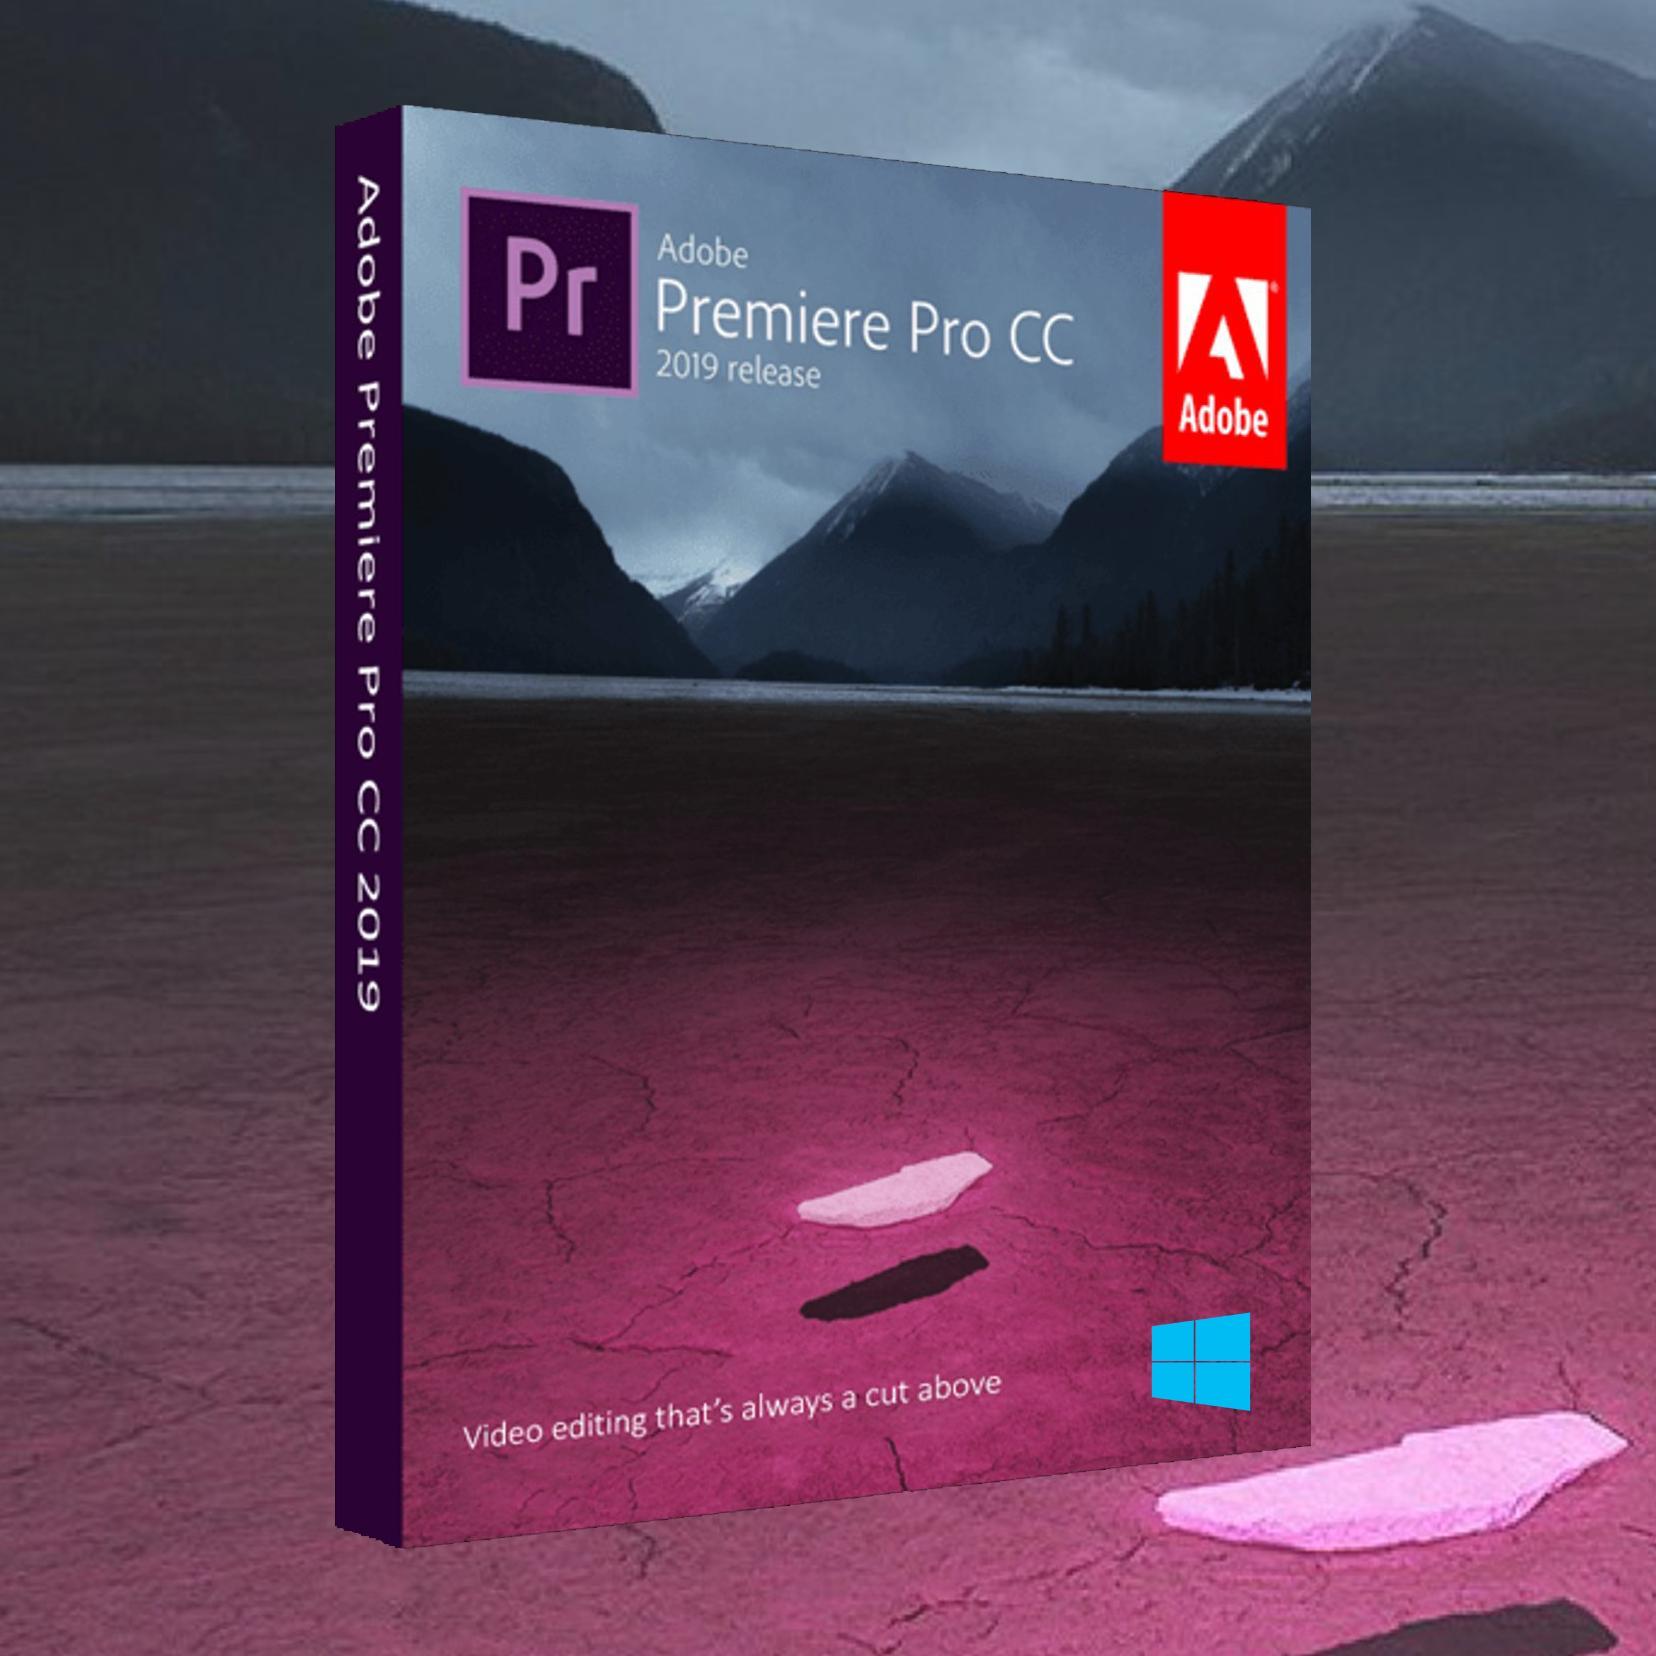 Adobe cc 2019 patch windows